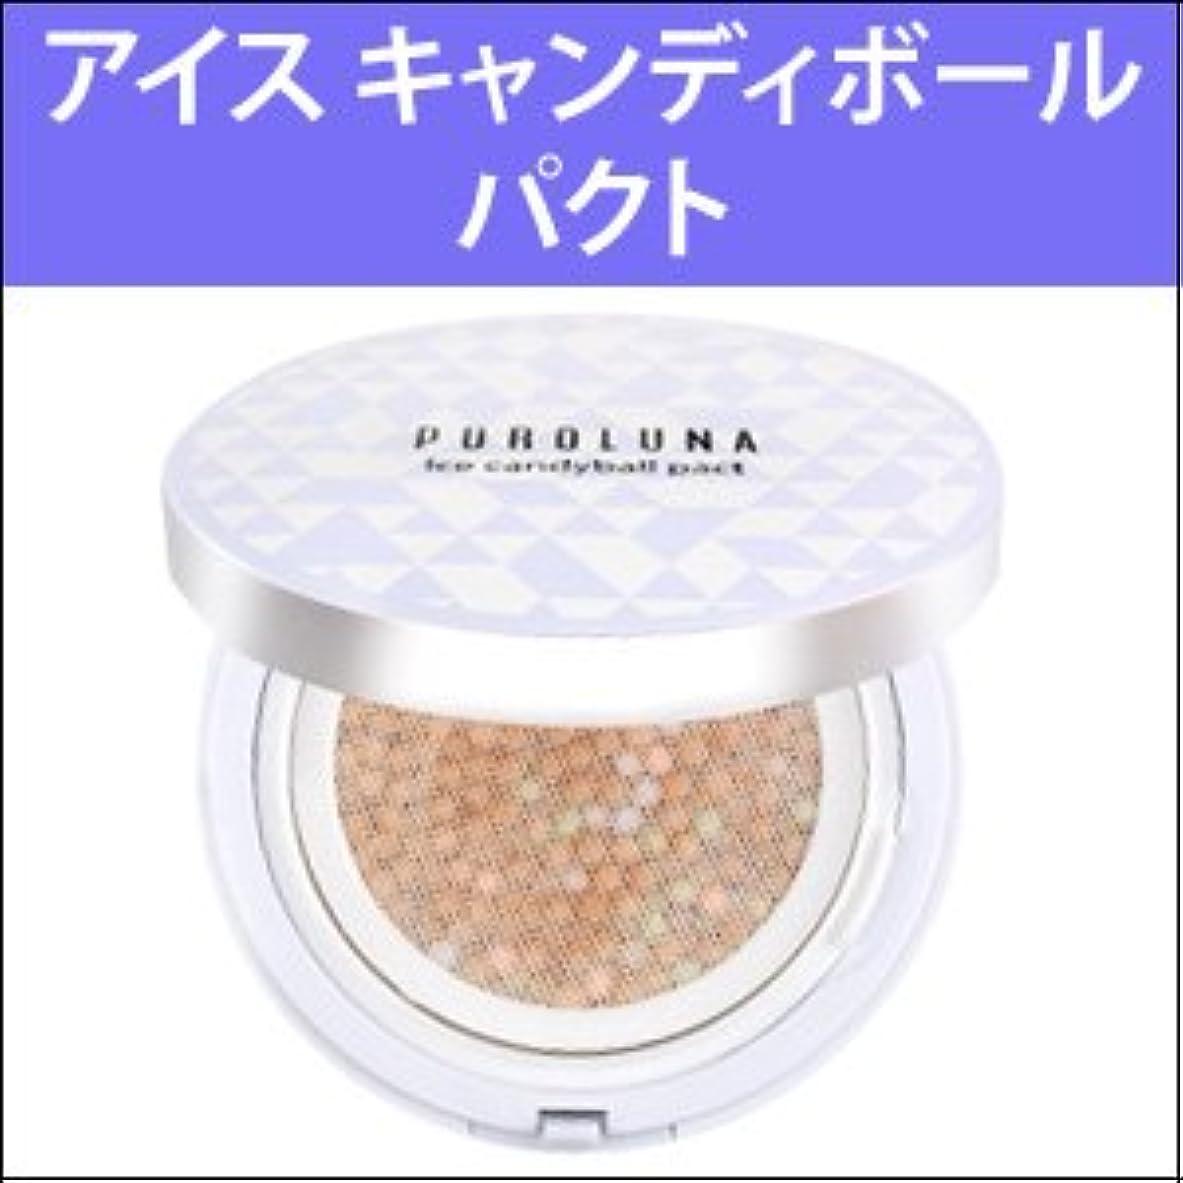 真面目な体現する夕方『PUROLUNA?プロルナ』 アイス キャンディボール パクト(SPF50+/PA+++) カラー:1号 バニラ